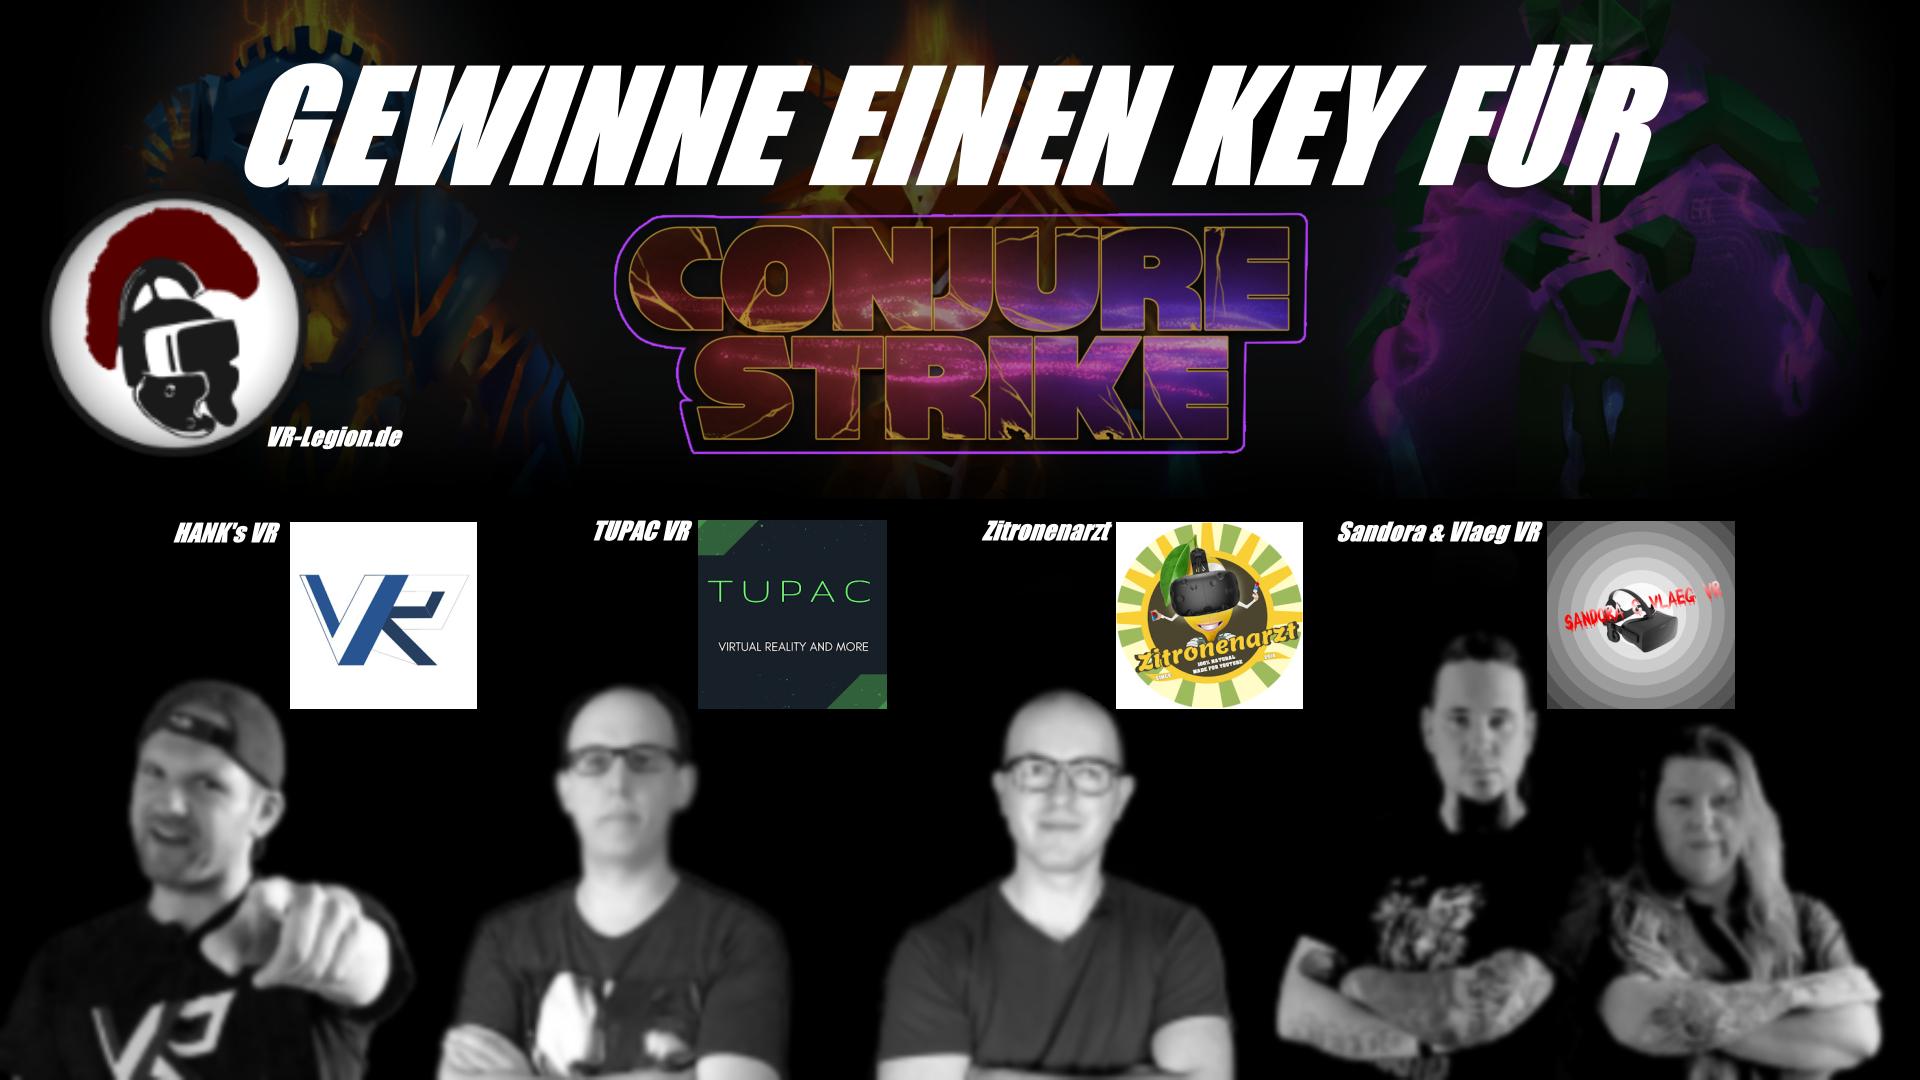 Gewinnt einen Key für Conjure Strike auf Oculus Rift